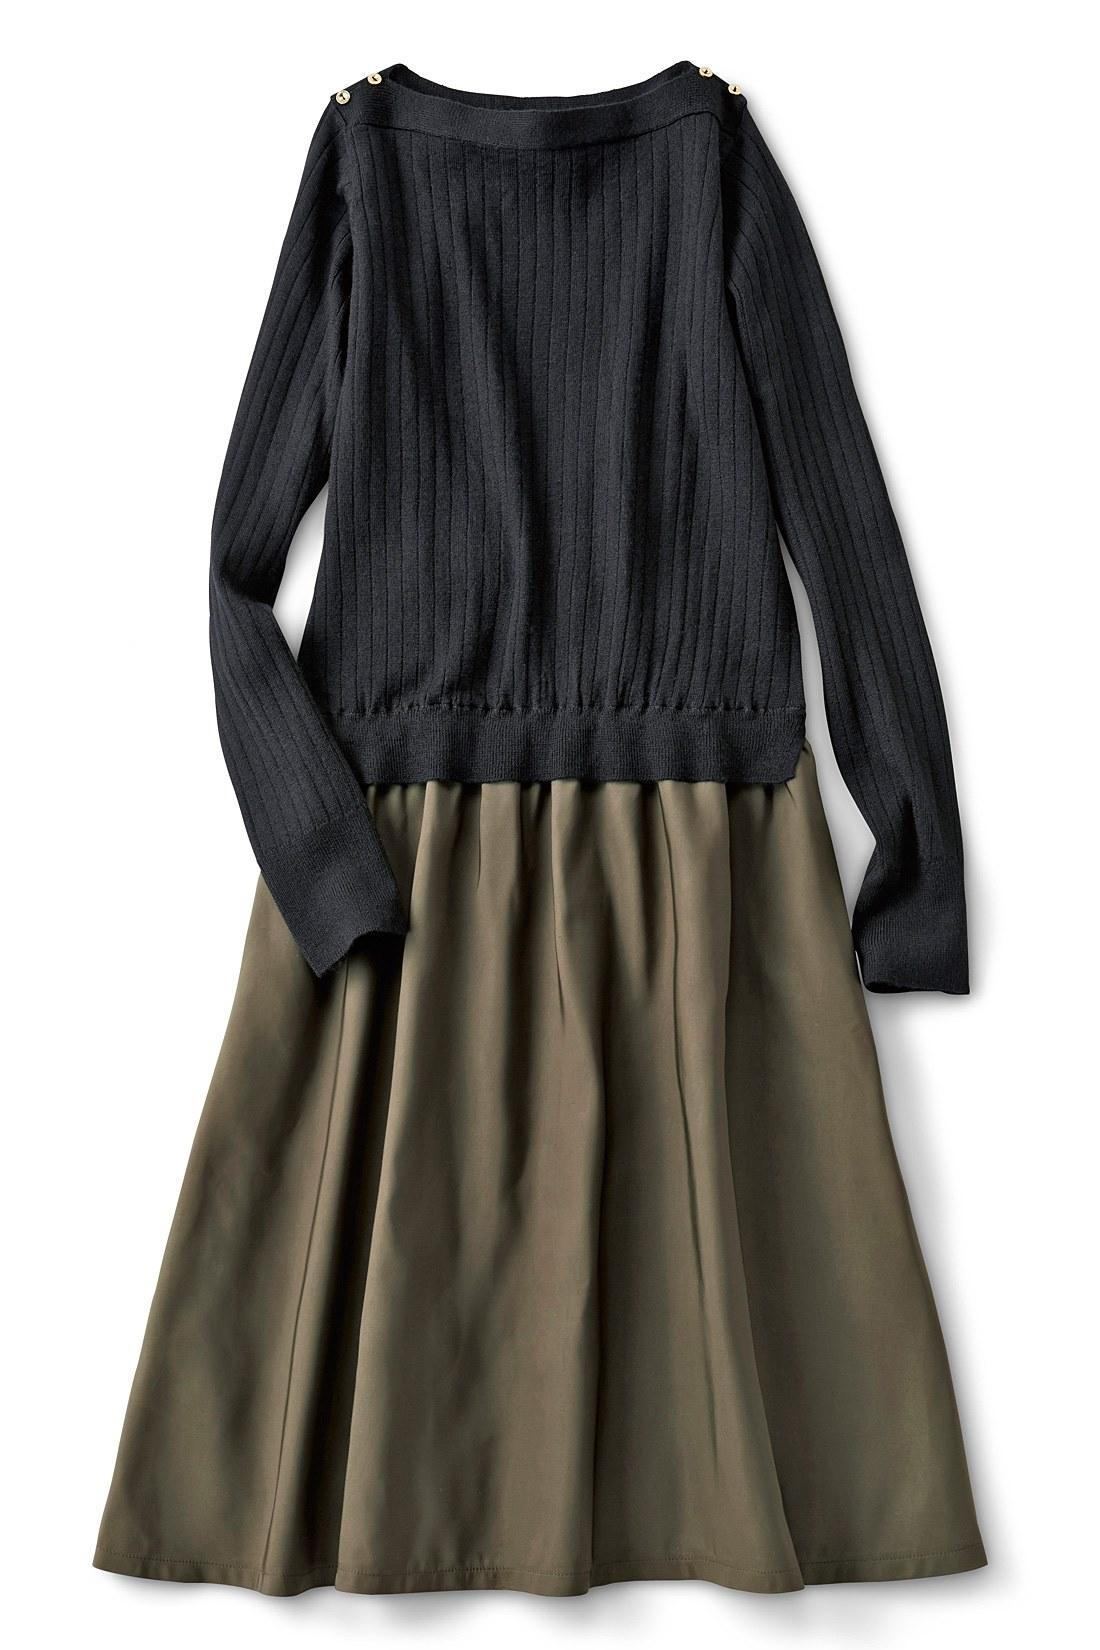 <ブラック・カーキ> スカート部分はポリエステルで、しわが気になりにくいのがうれしい。